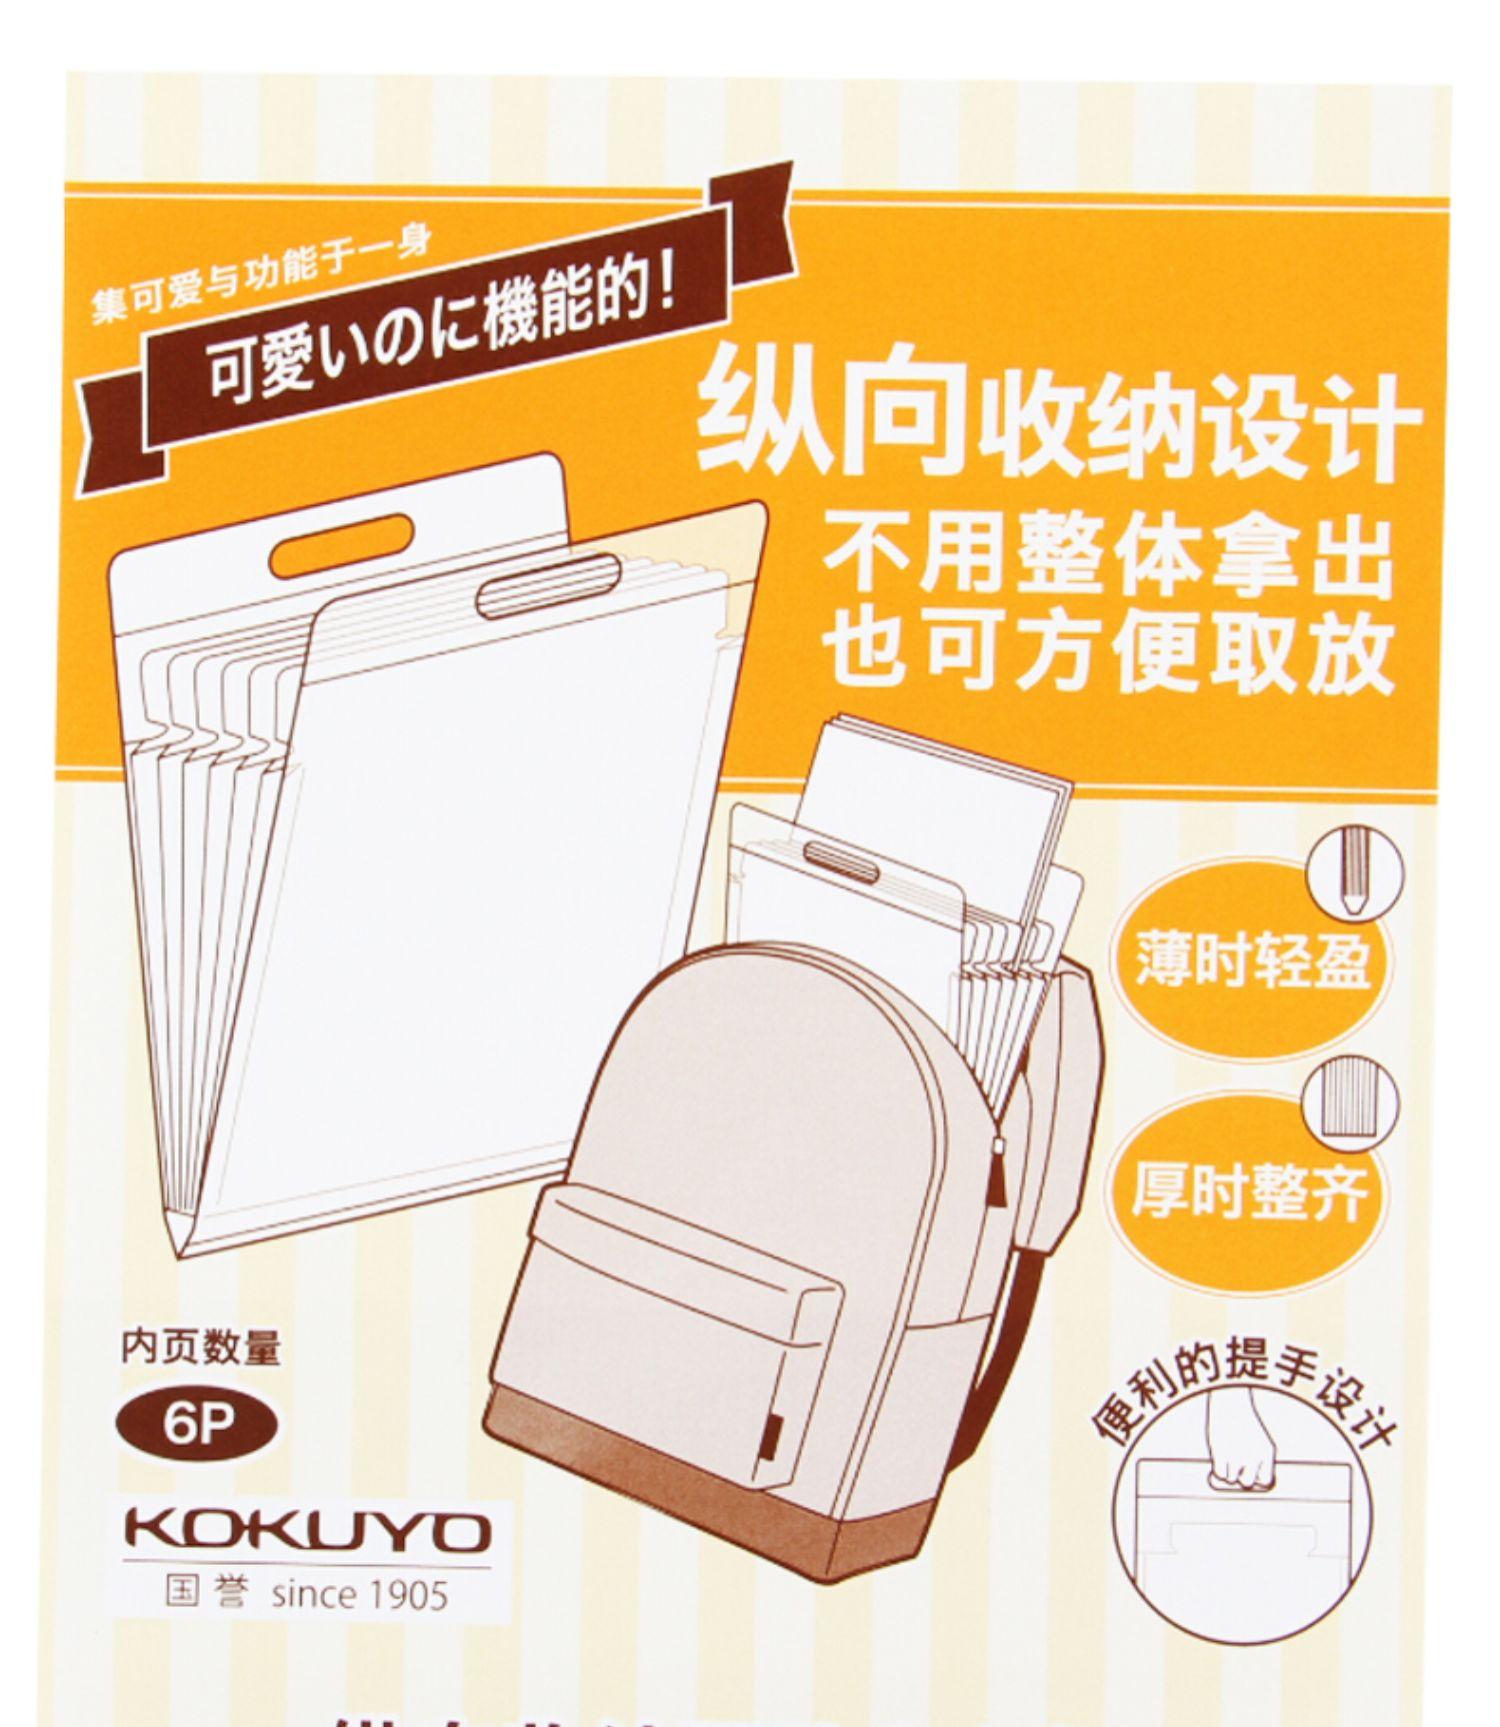 日本国誉学生用科目分类透明风琴包手提多层试卷收纳袋高中生竖式文件夹风情学科分类卷子资料包分类整理神器商品详情图